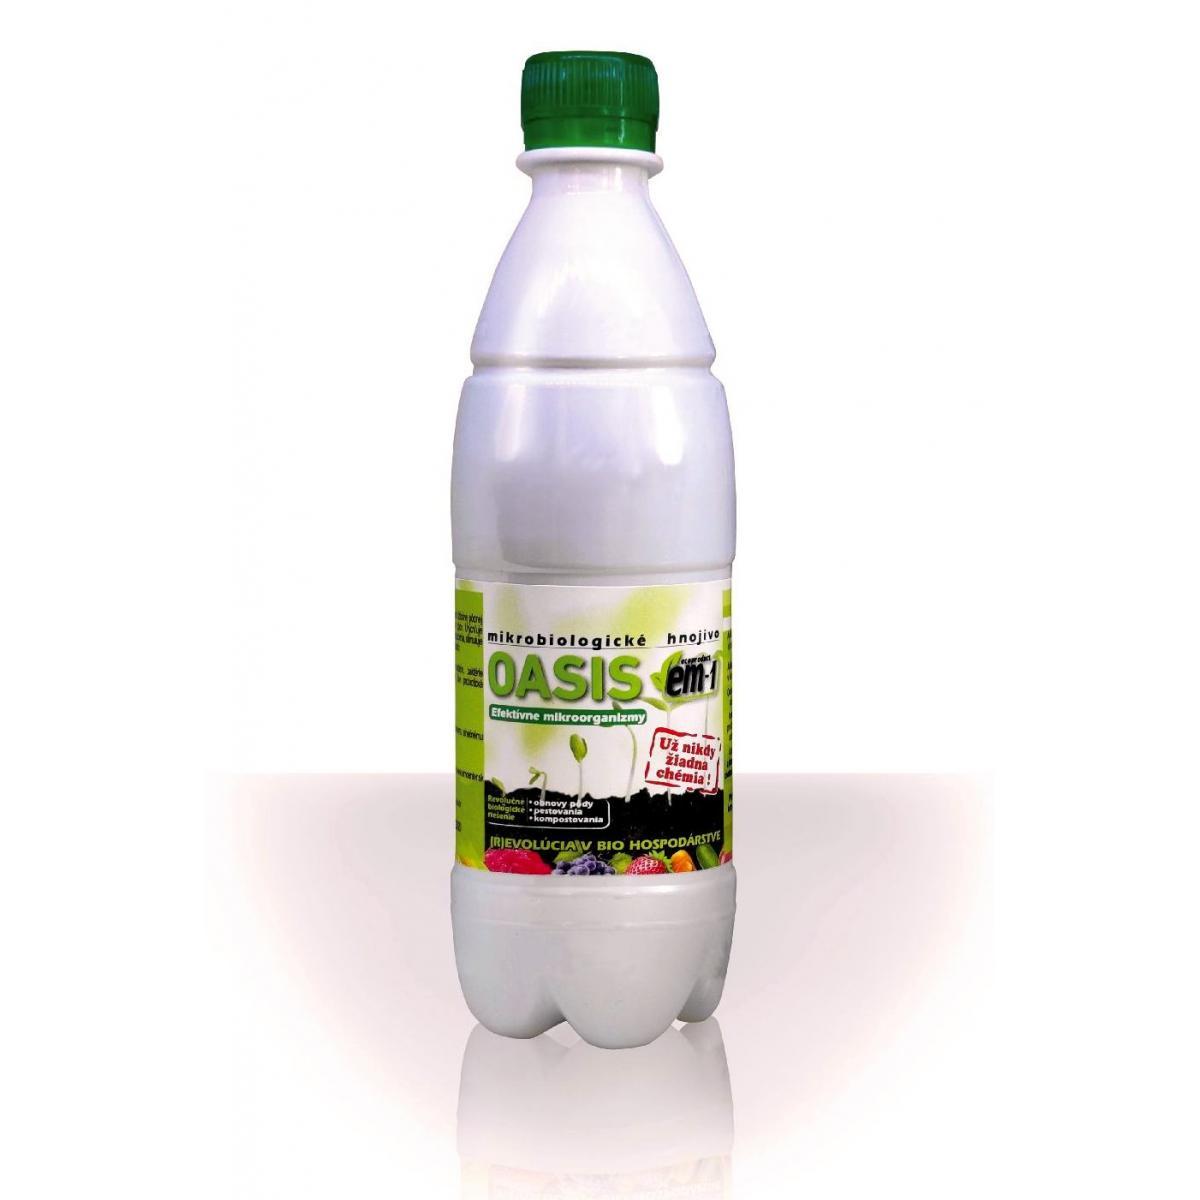 OASIS EM-1 - mikrobiologické hnojivo 500 ml